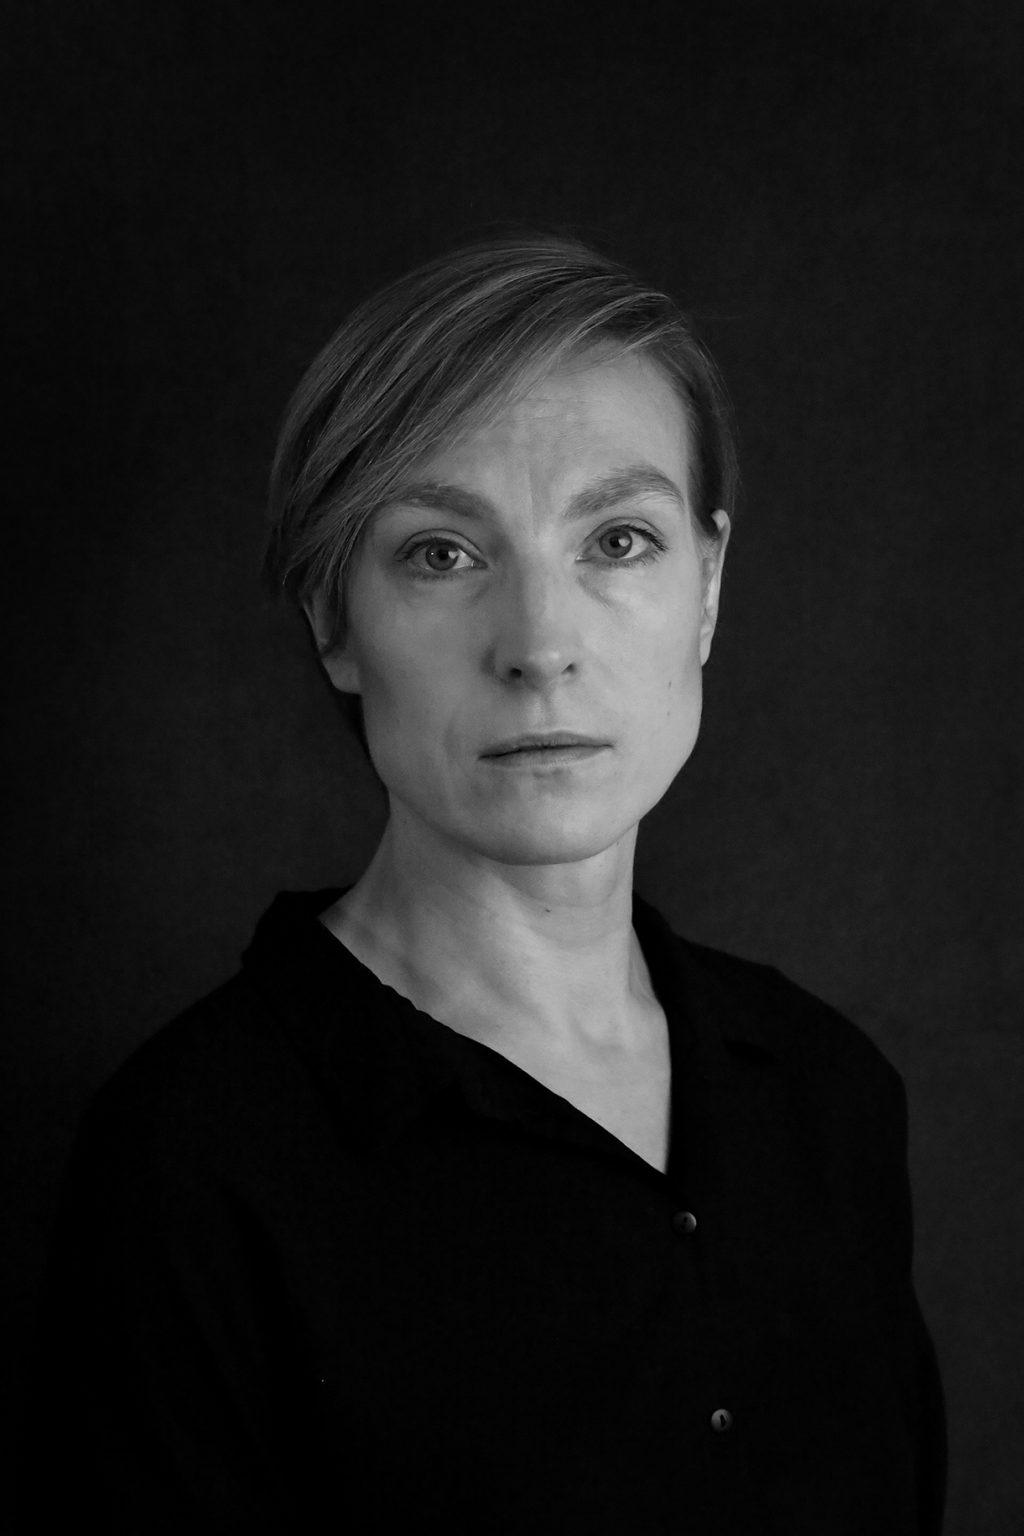 näyttelijä Satu Turunen